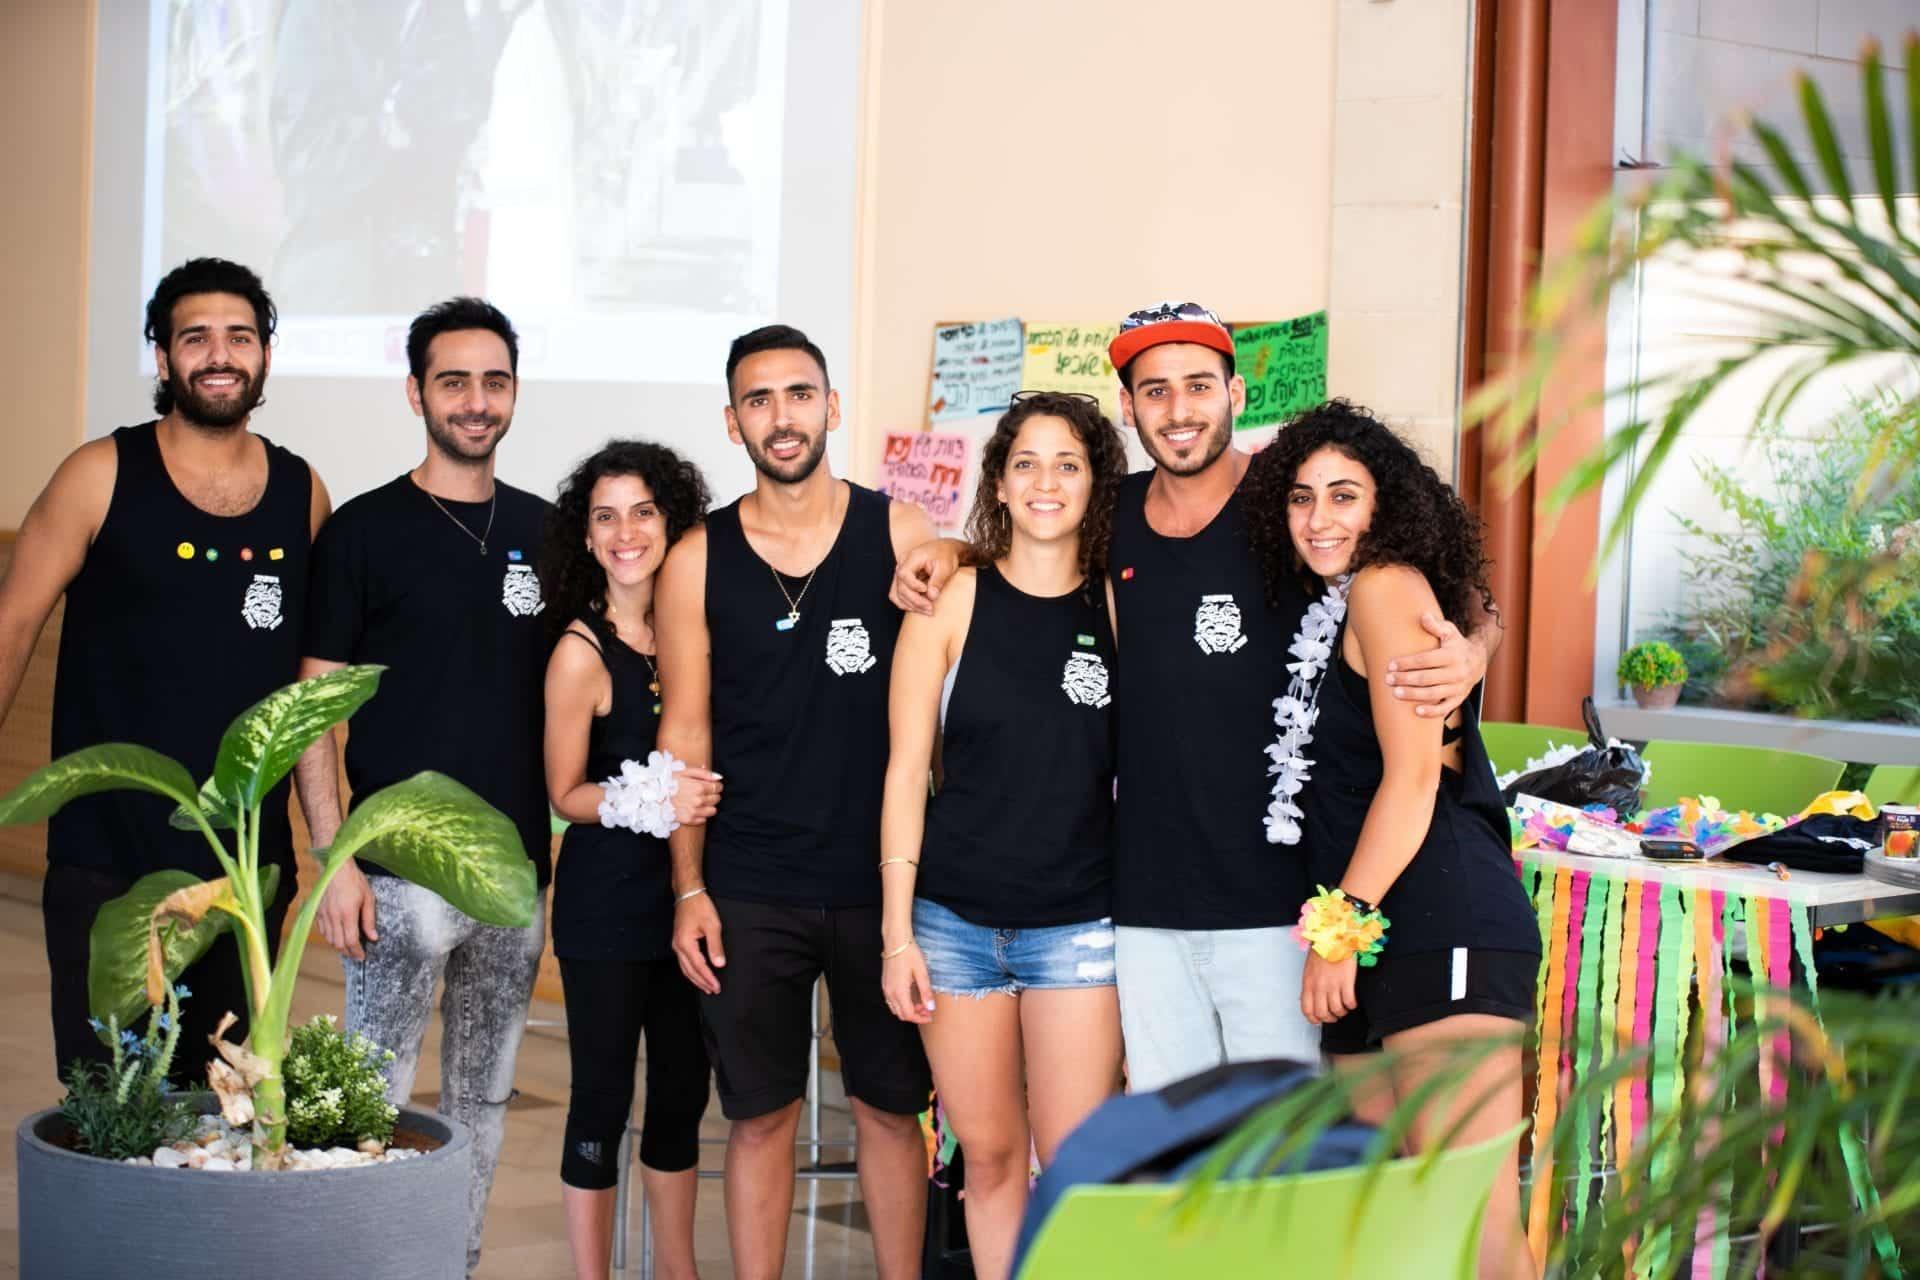 המכינה הקדם אקדמית של מכללת אוהלו לחינוך בקצרין